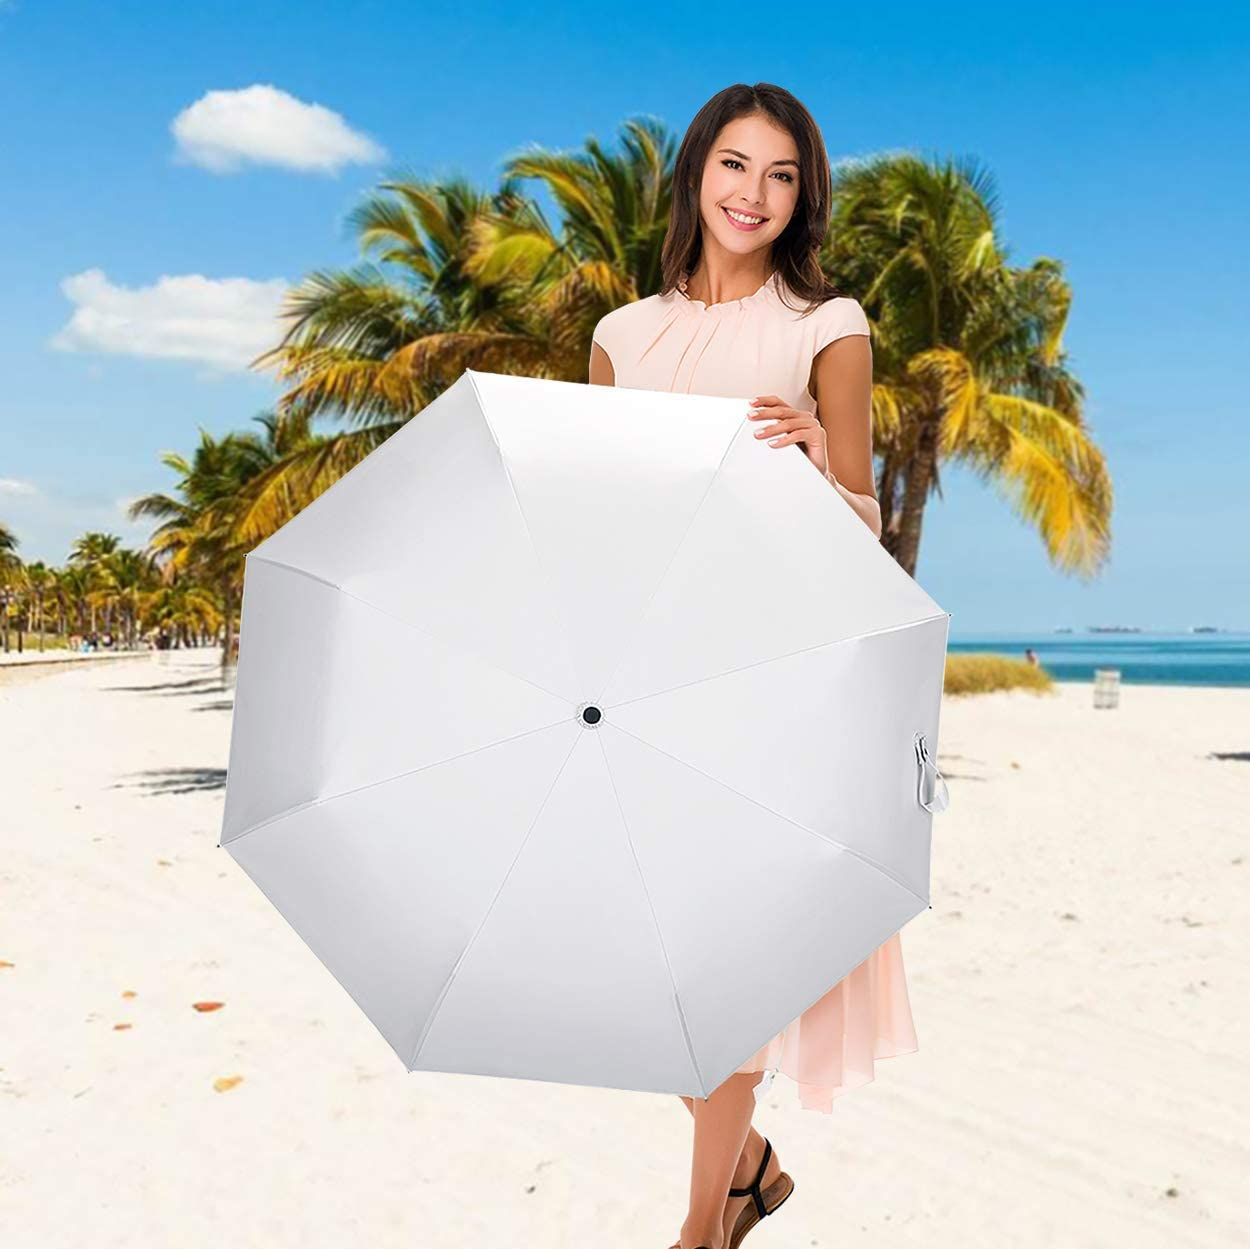 Blanc Pur Parapluie Parapluies pliants,Interrupteur Automatique Parapluie Haut de Gamme,Convient pour Les Hommes et Les Femmes,100/% UV d/éfense,CUBY cr/éer Le Parapluie Parfait